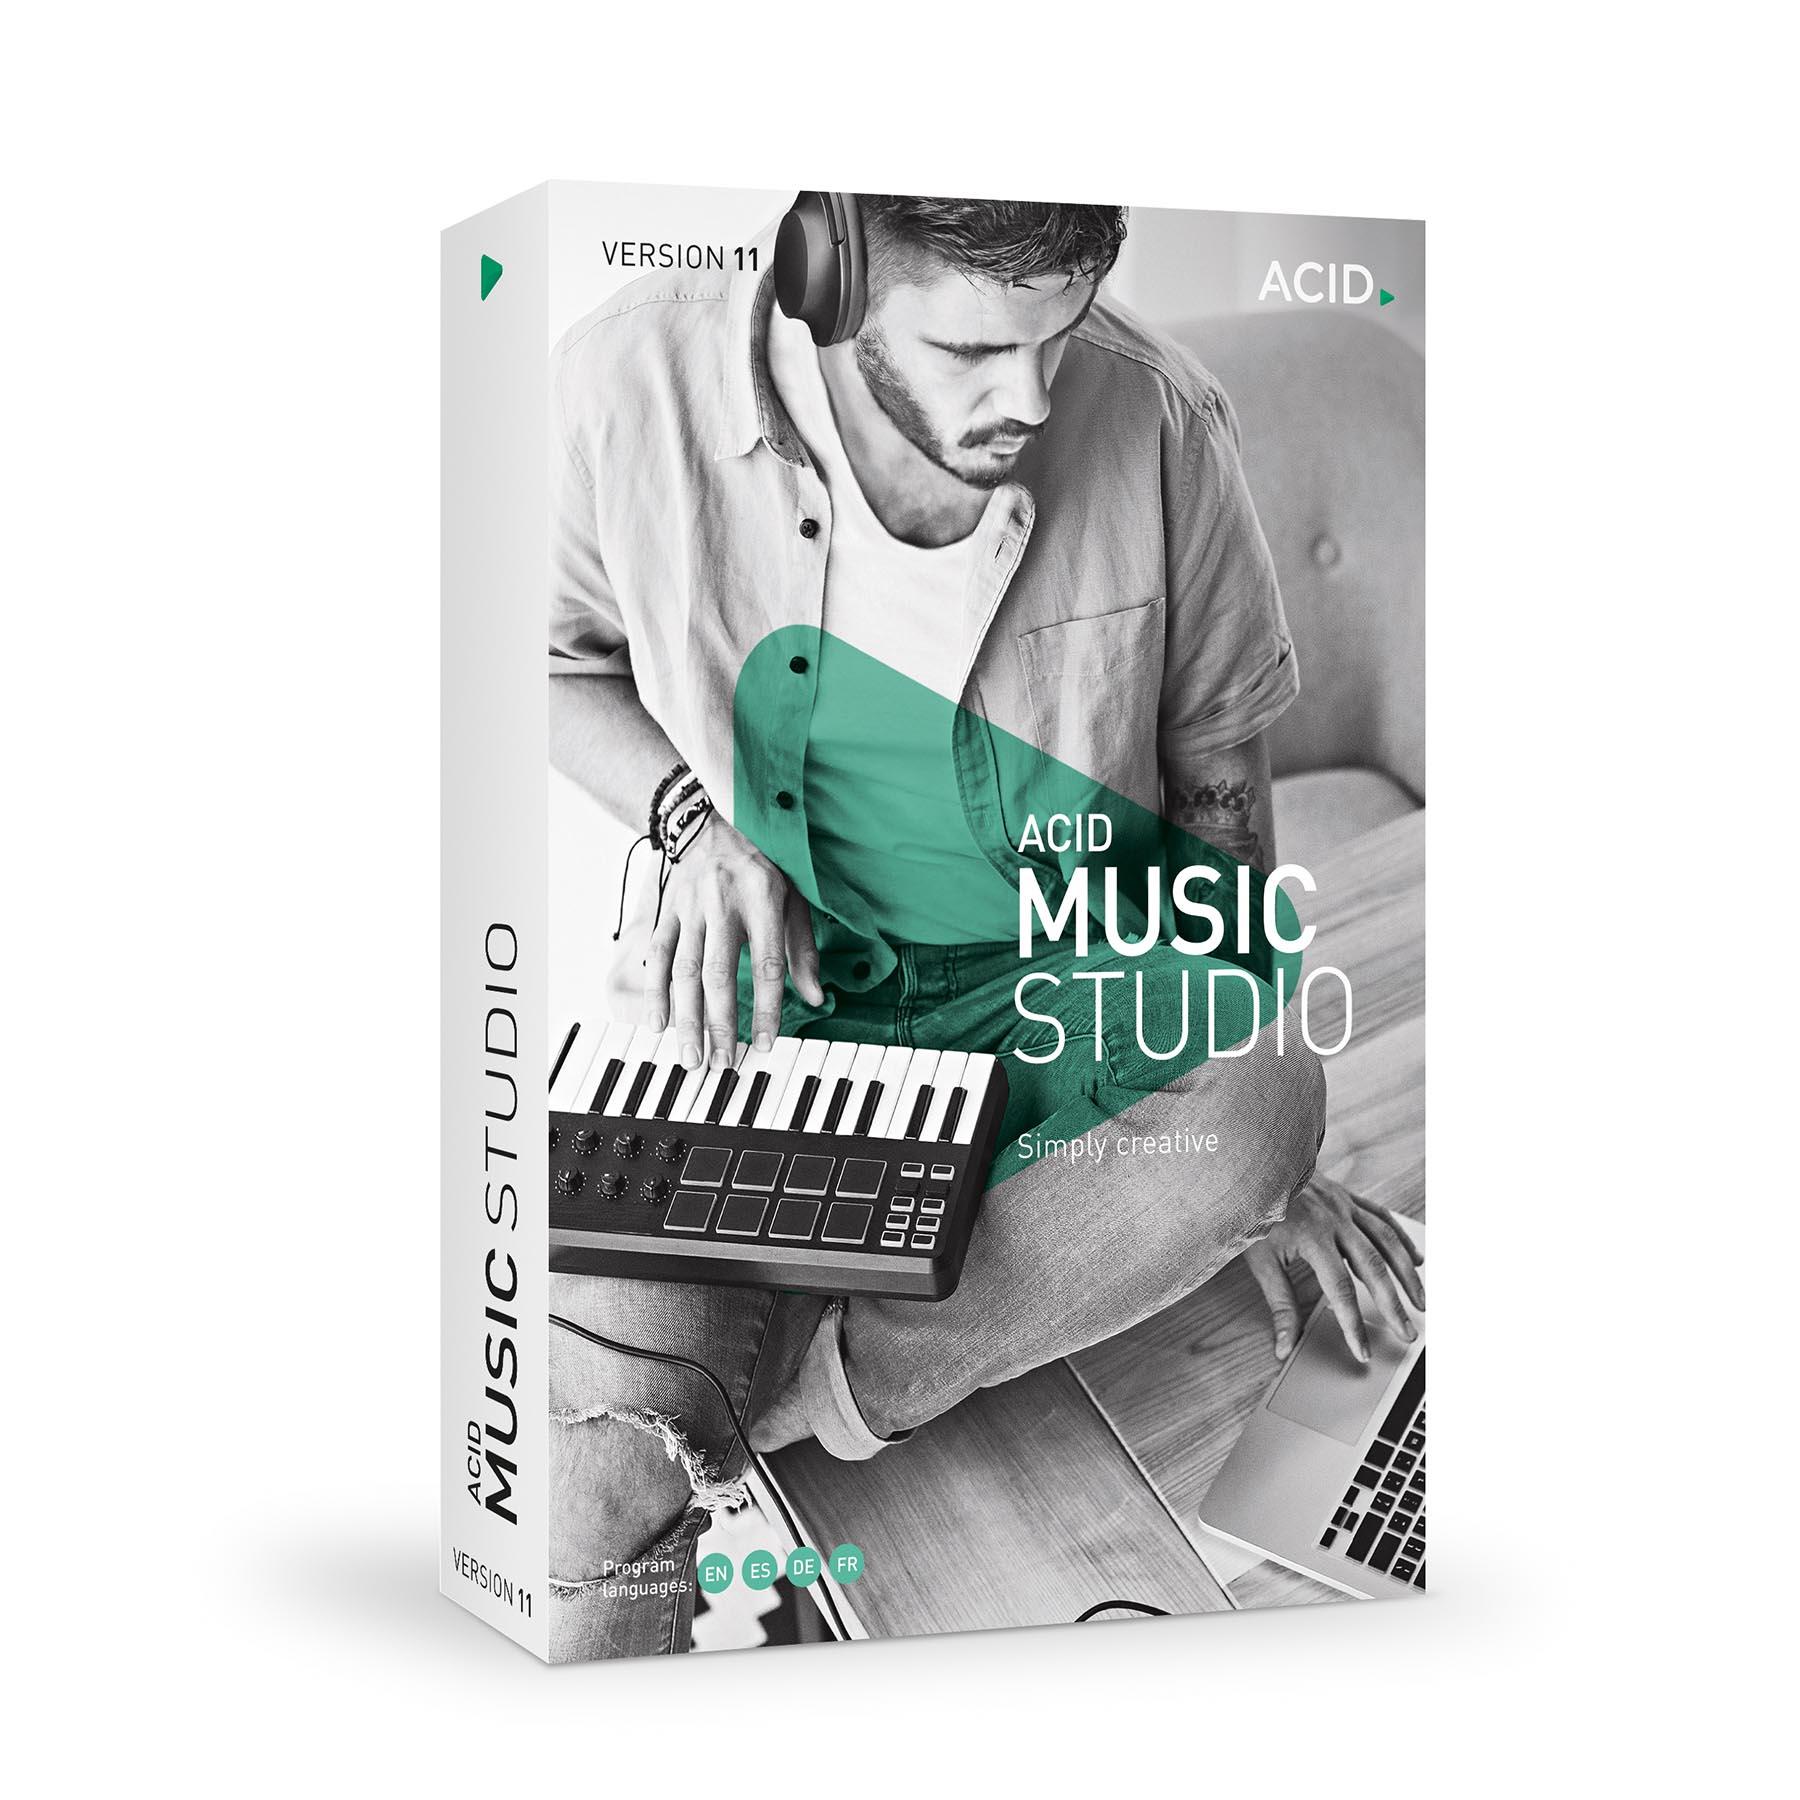 News: Magix veröffentlicht ACID Music Studio 11